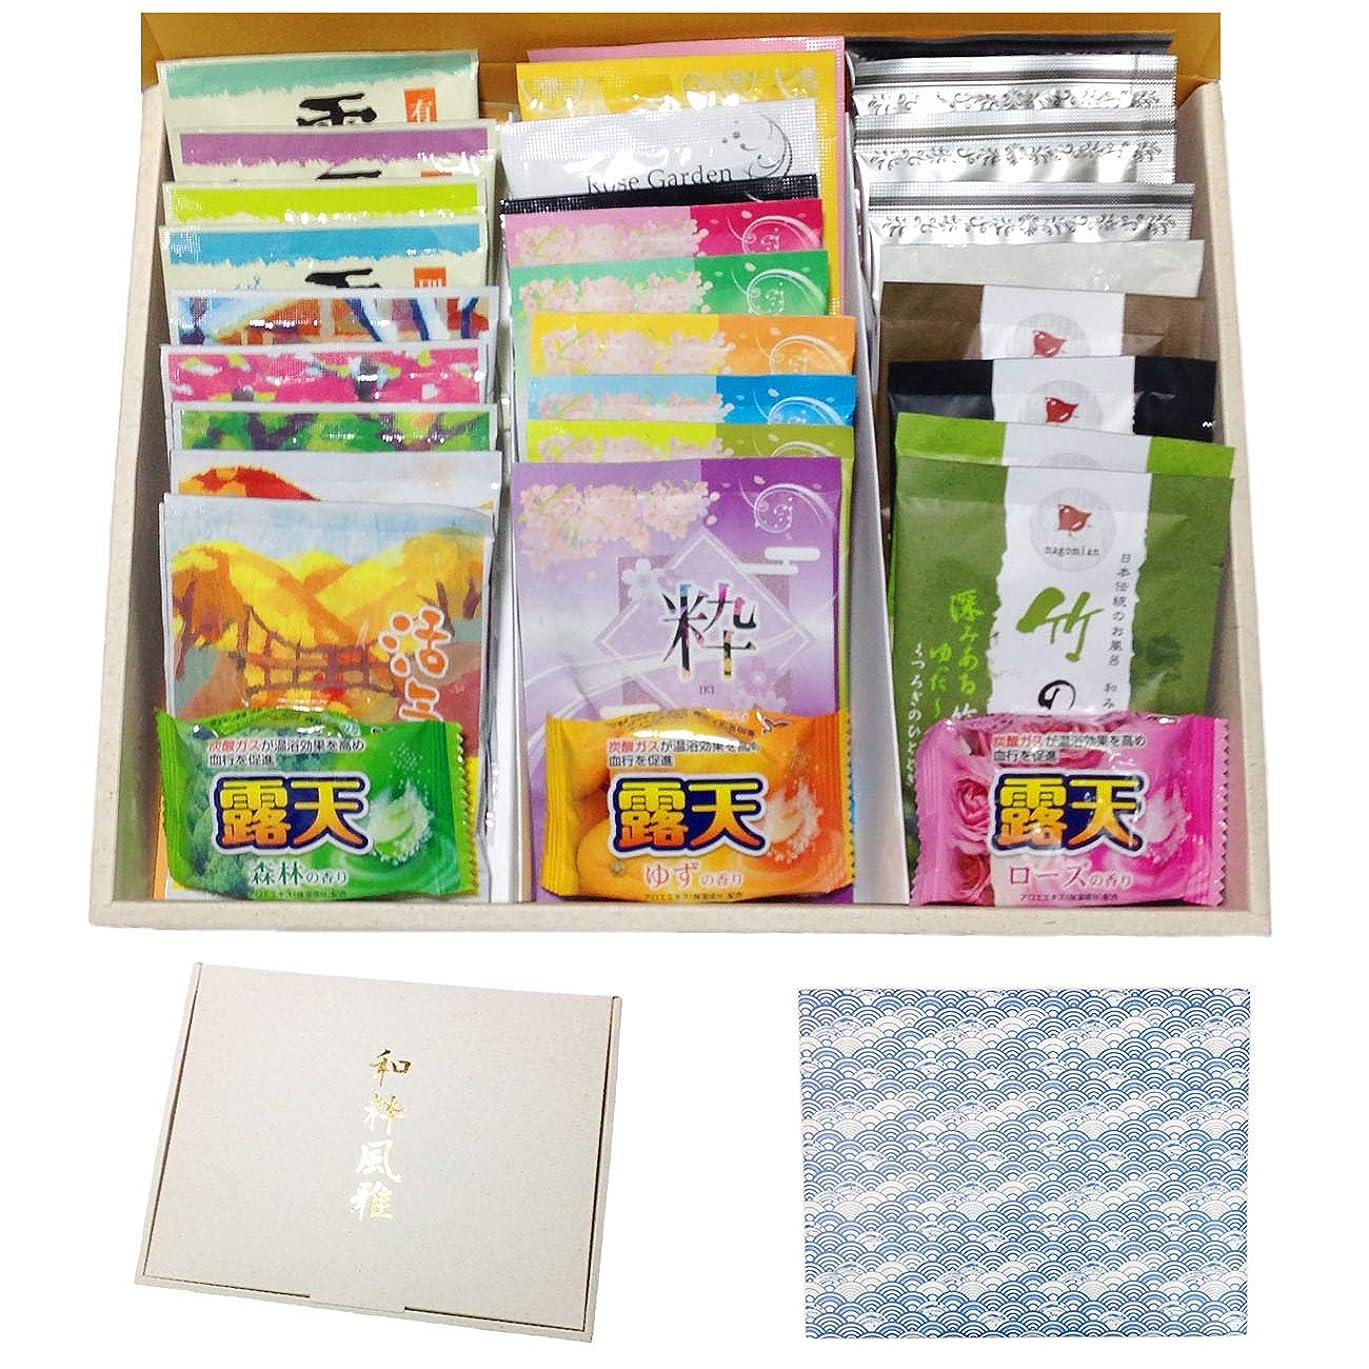 バブルソフィーとげ入浴剤 ギフト セット 日本製 温泉 炭酸 つめあわせ バスギフト プレゼント 30種類/50種類 (30個30種類)